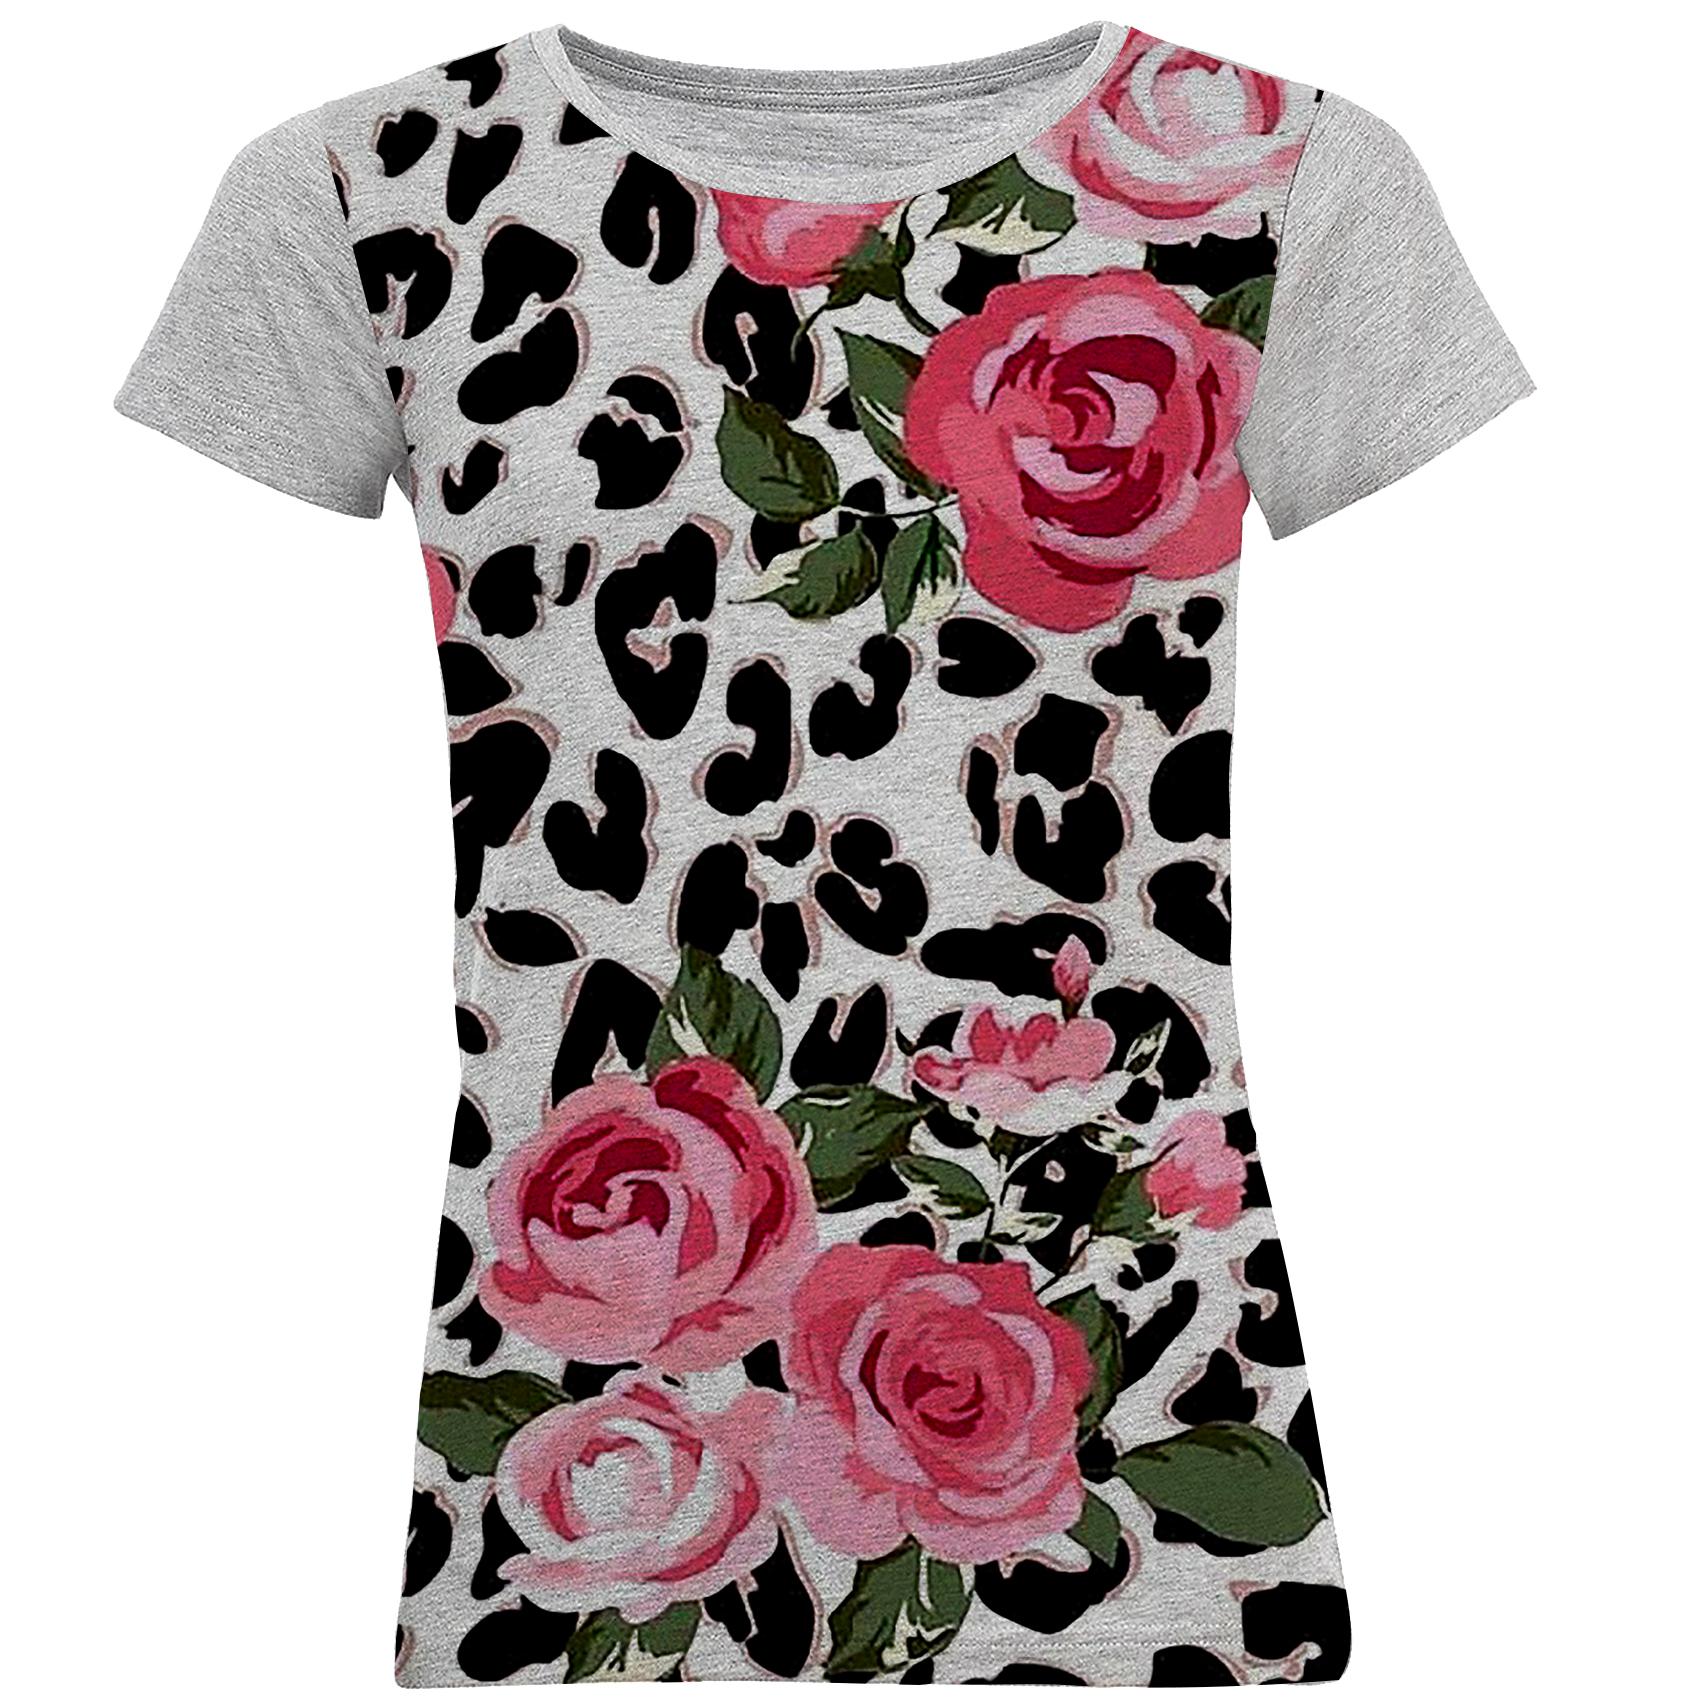 تی شرت آستین کوتاه زنانه طرح گل